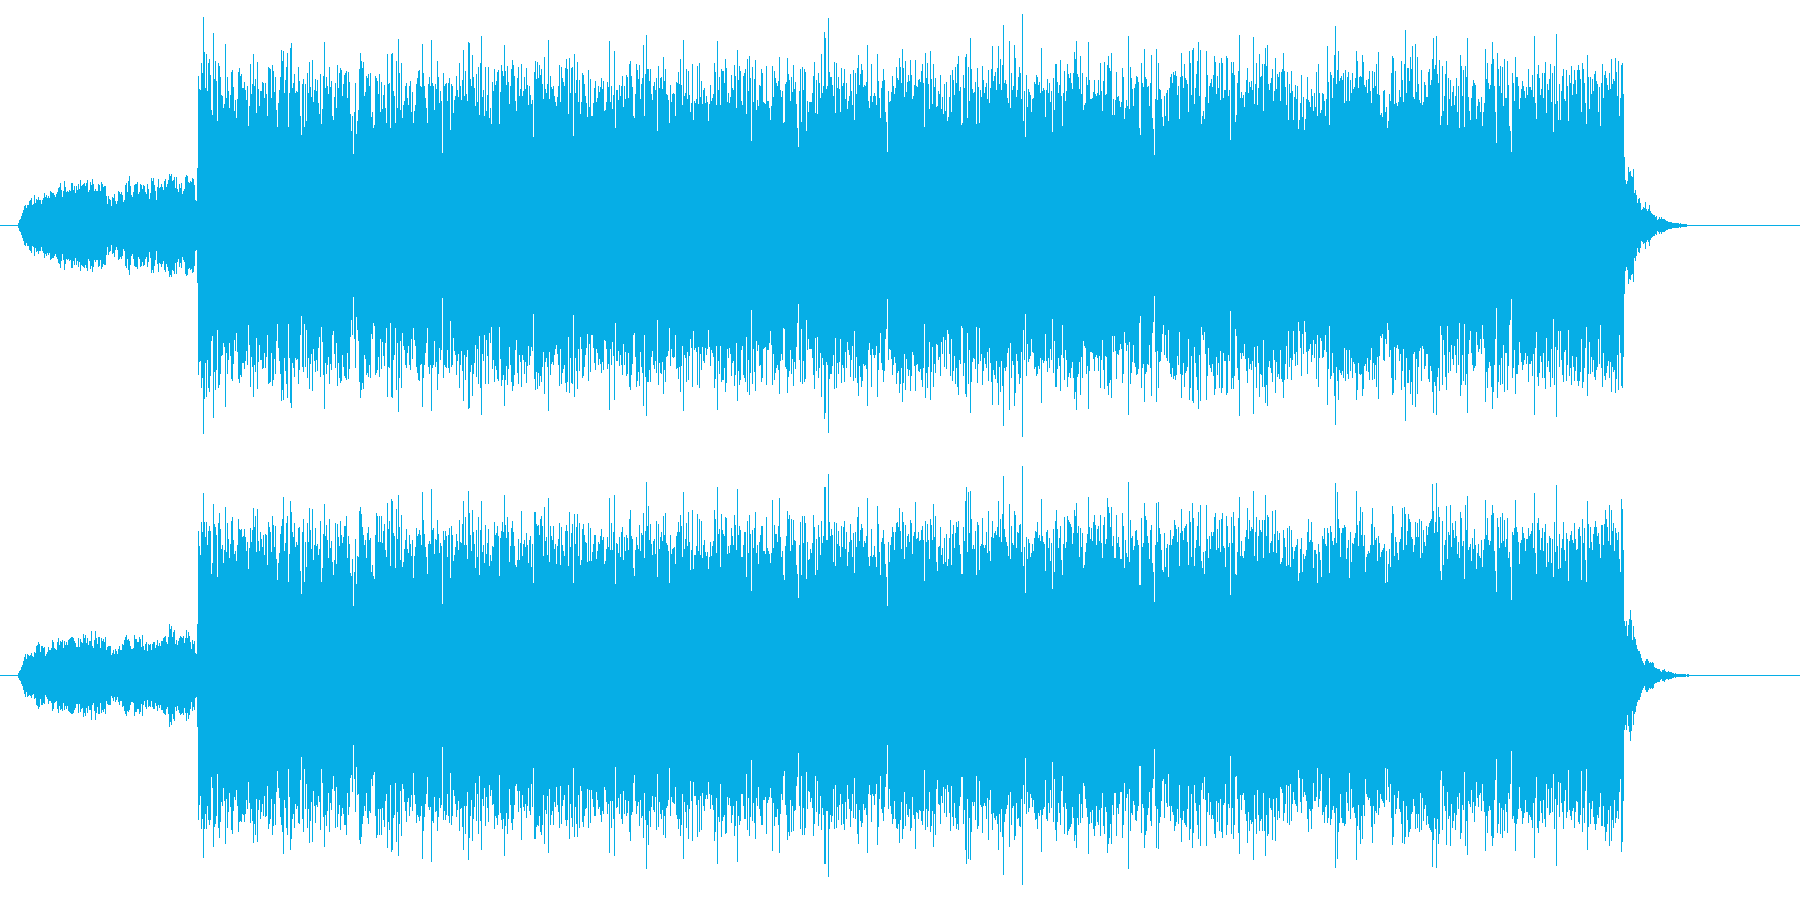 都会的で洗練されたロックな曲の再生済みの波形